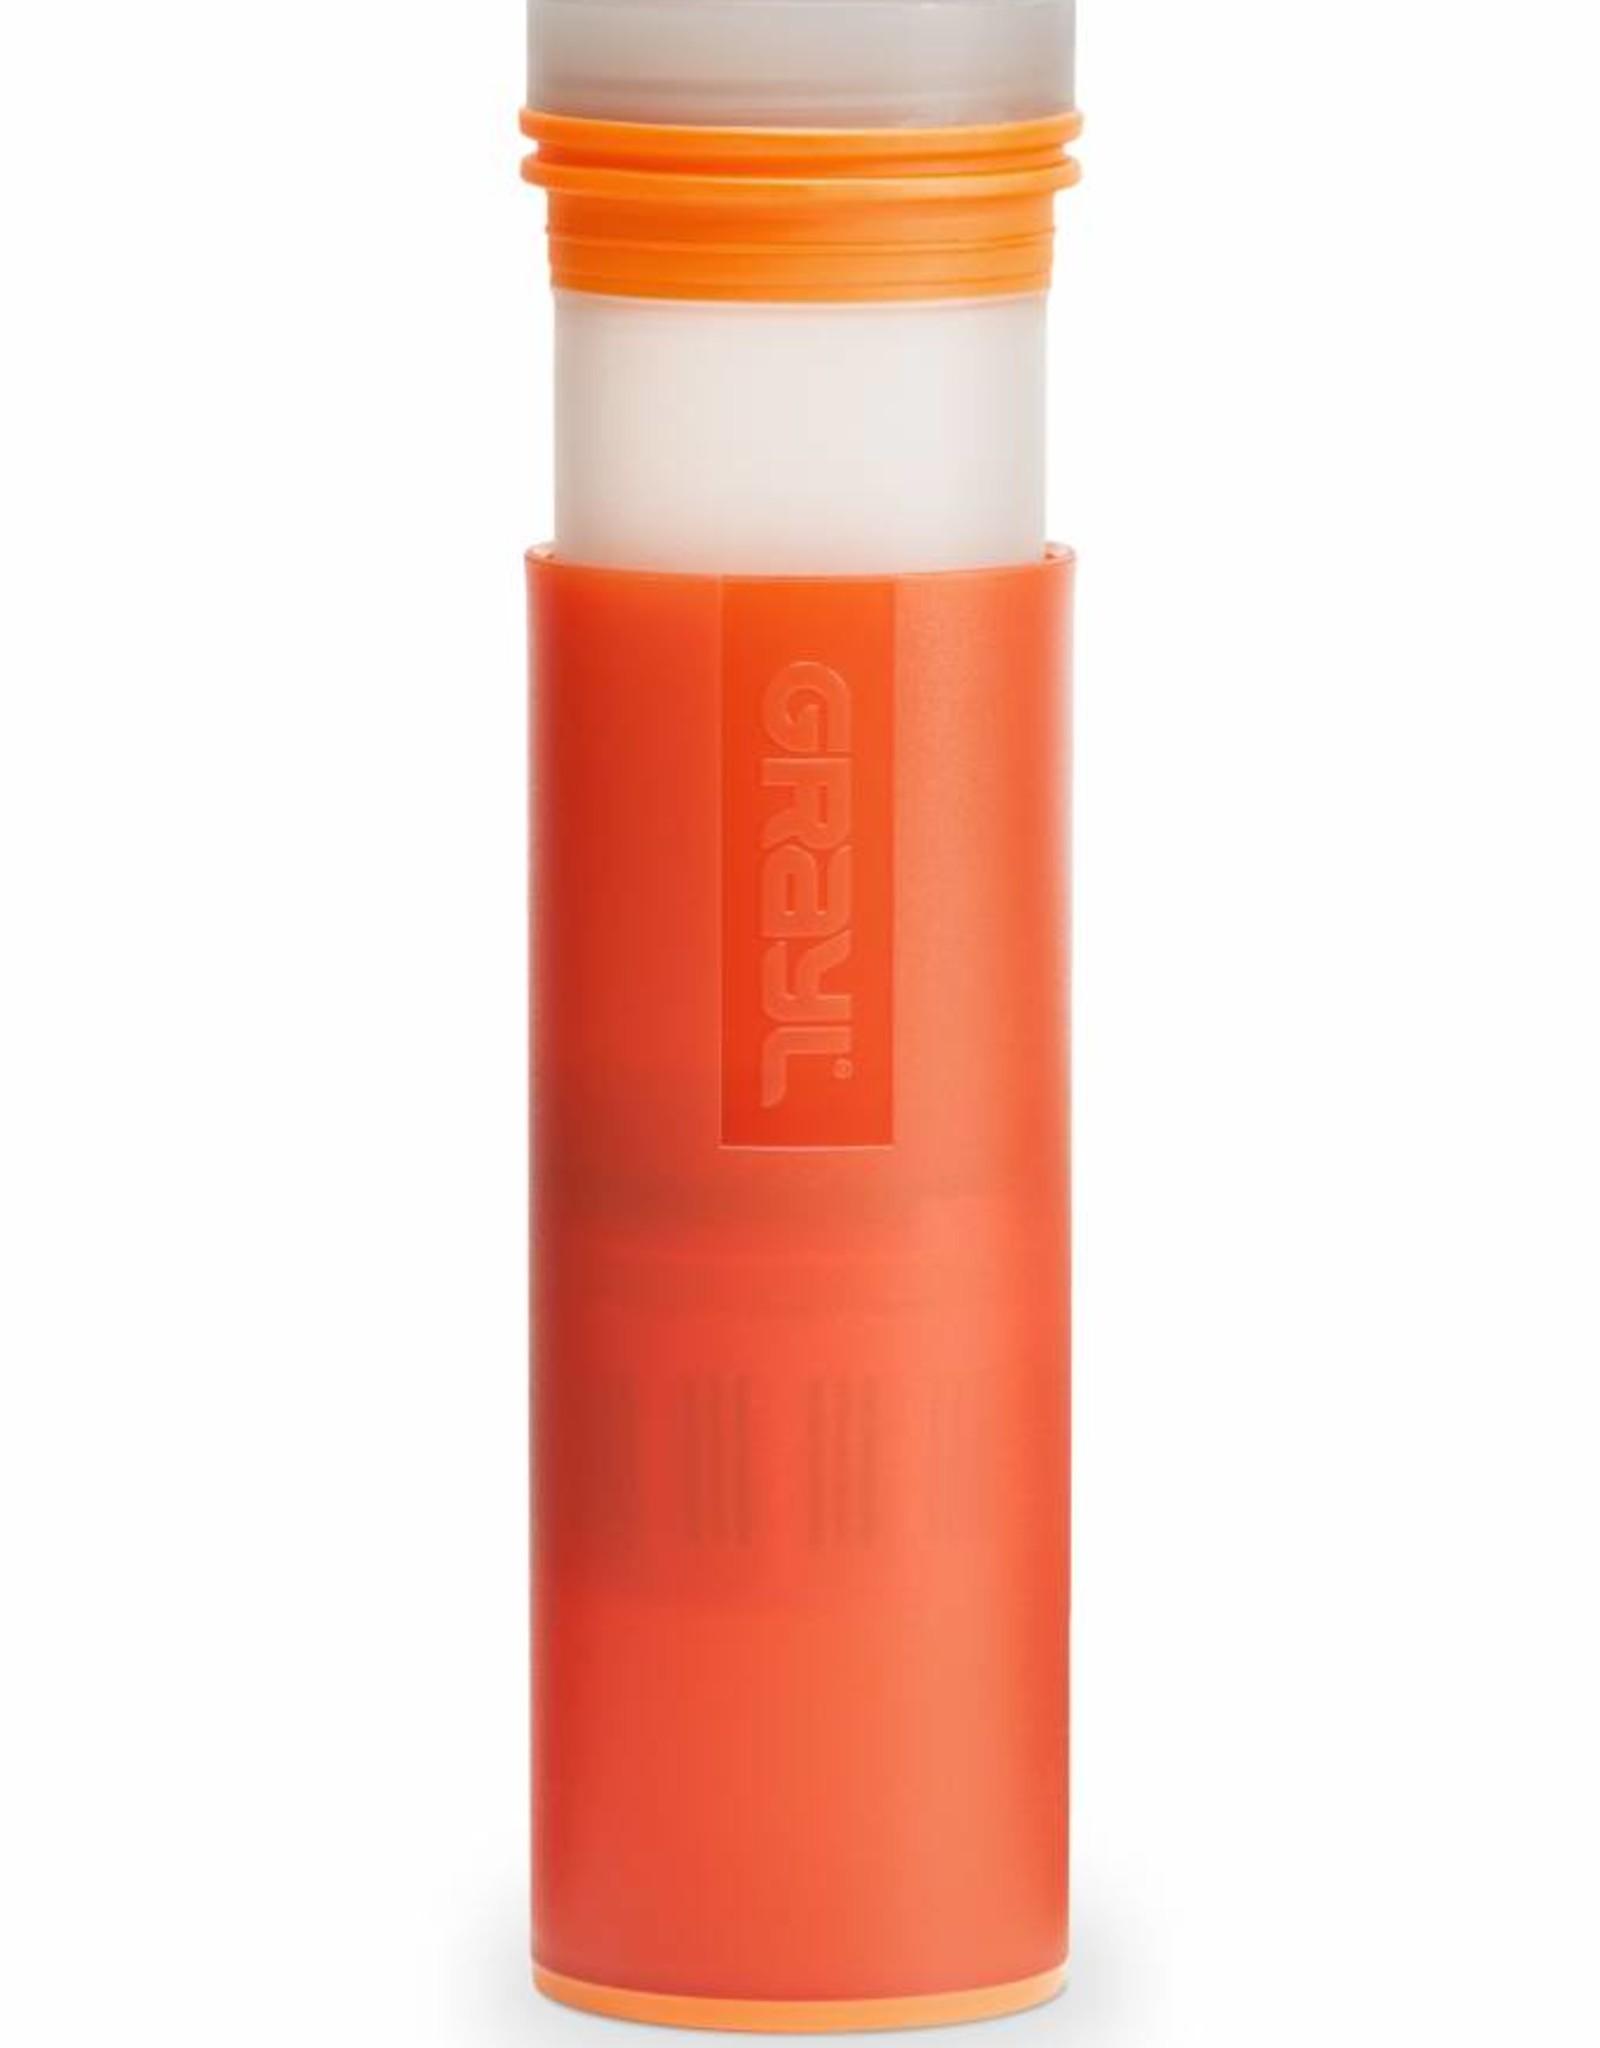 Grayl UL Water Purifier